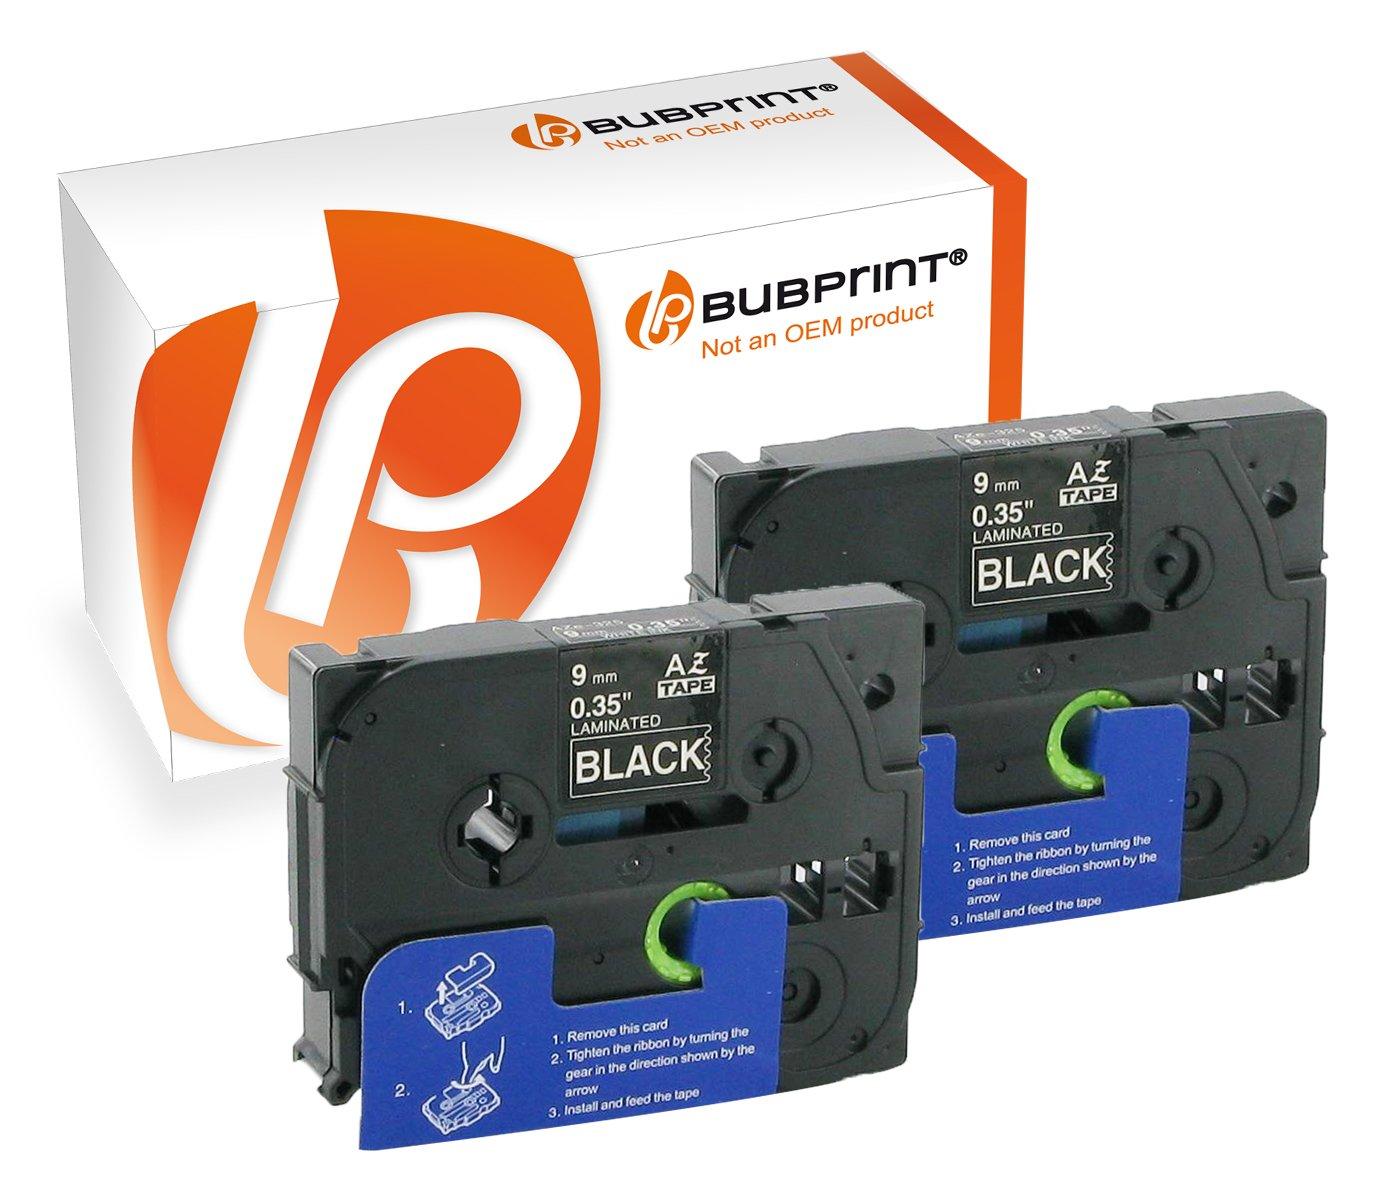 2 x Bubprint ruban encreur pour imprimante brother tZ - 325 tZ325 blanc/noir 9 mm-lot de 2 kein Brother Original